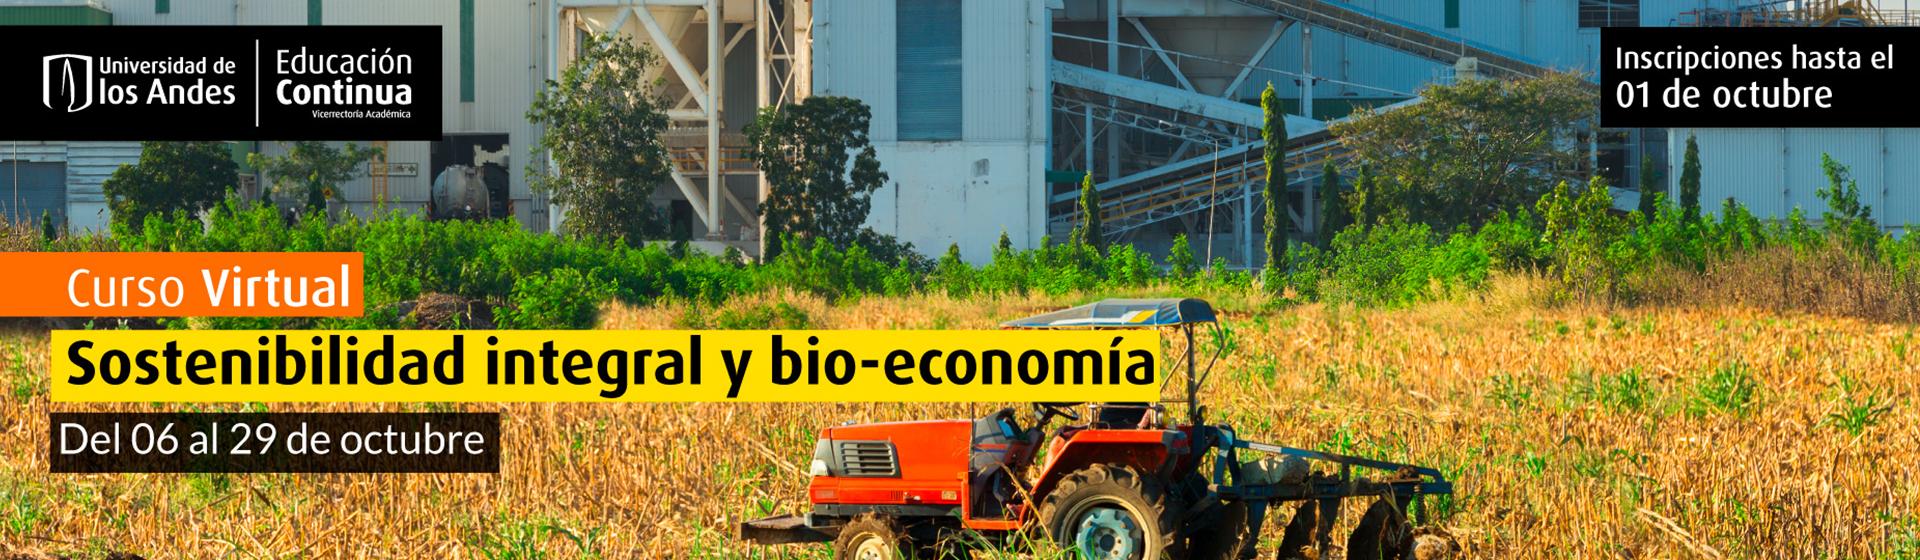 curso virtual sostenibilidad integran bio economia educacion continua ingenieria quimica alimentos uniandes